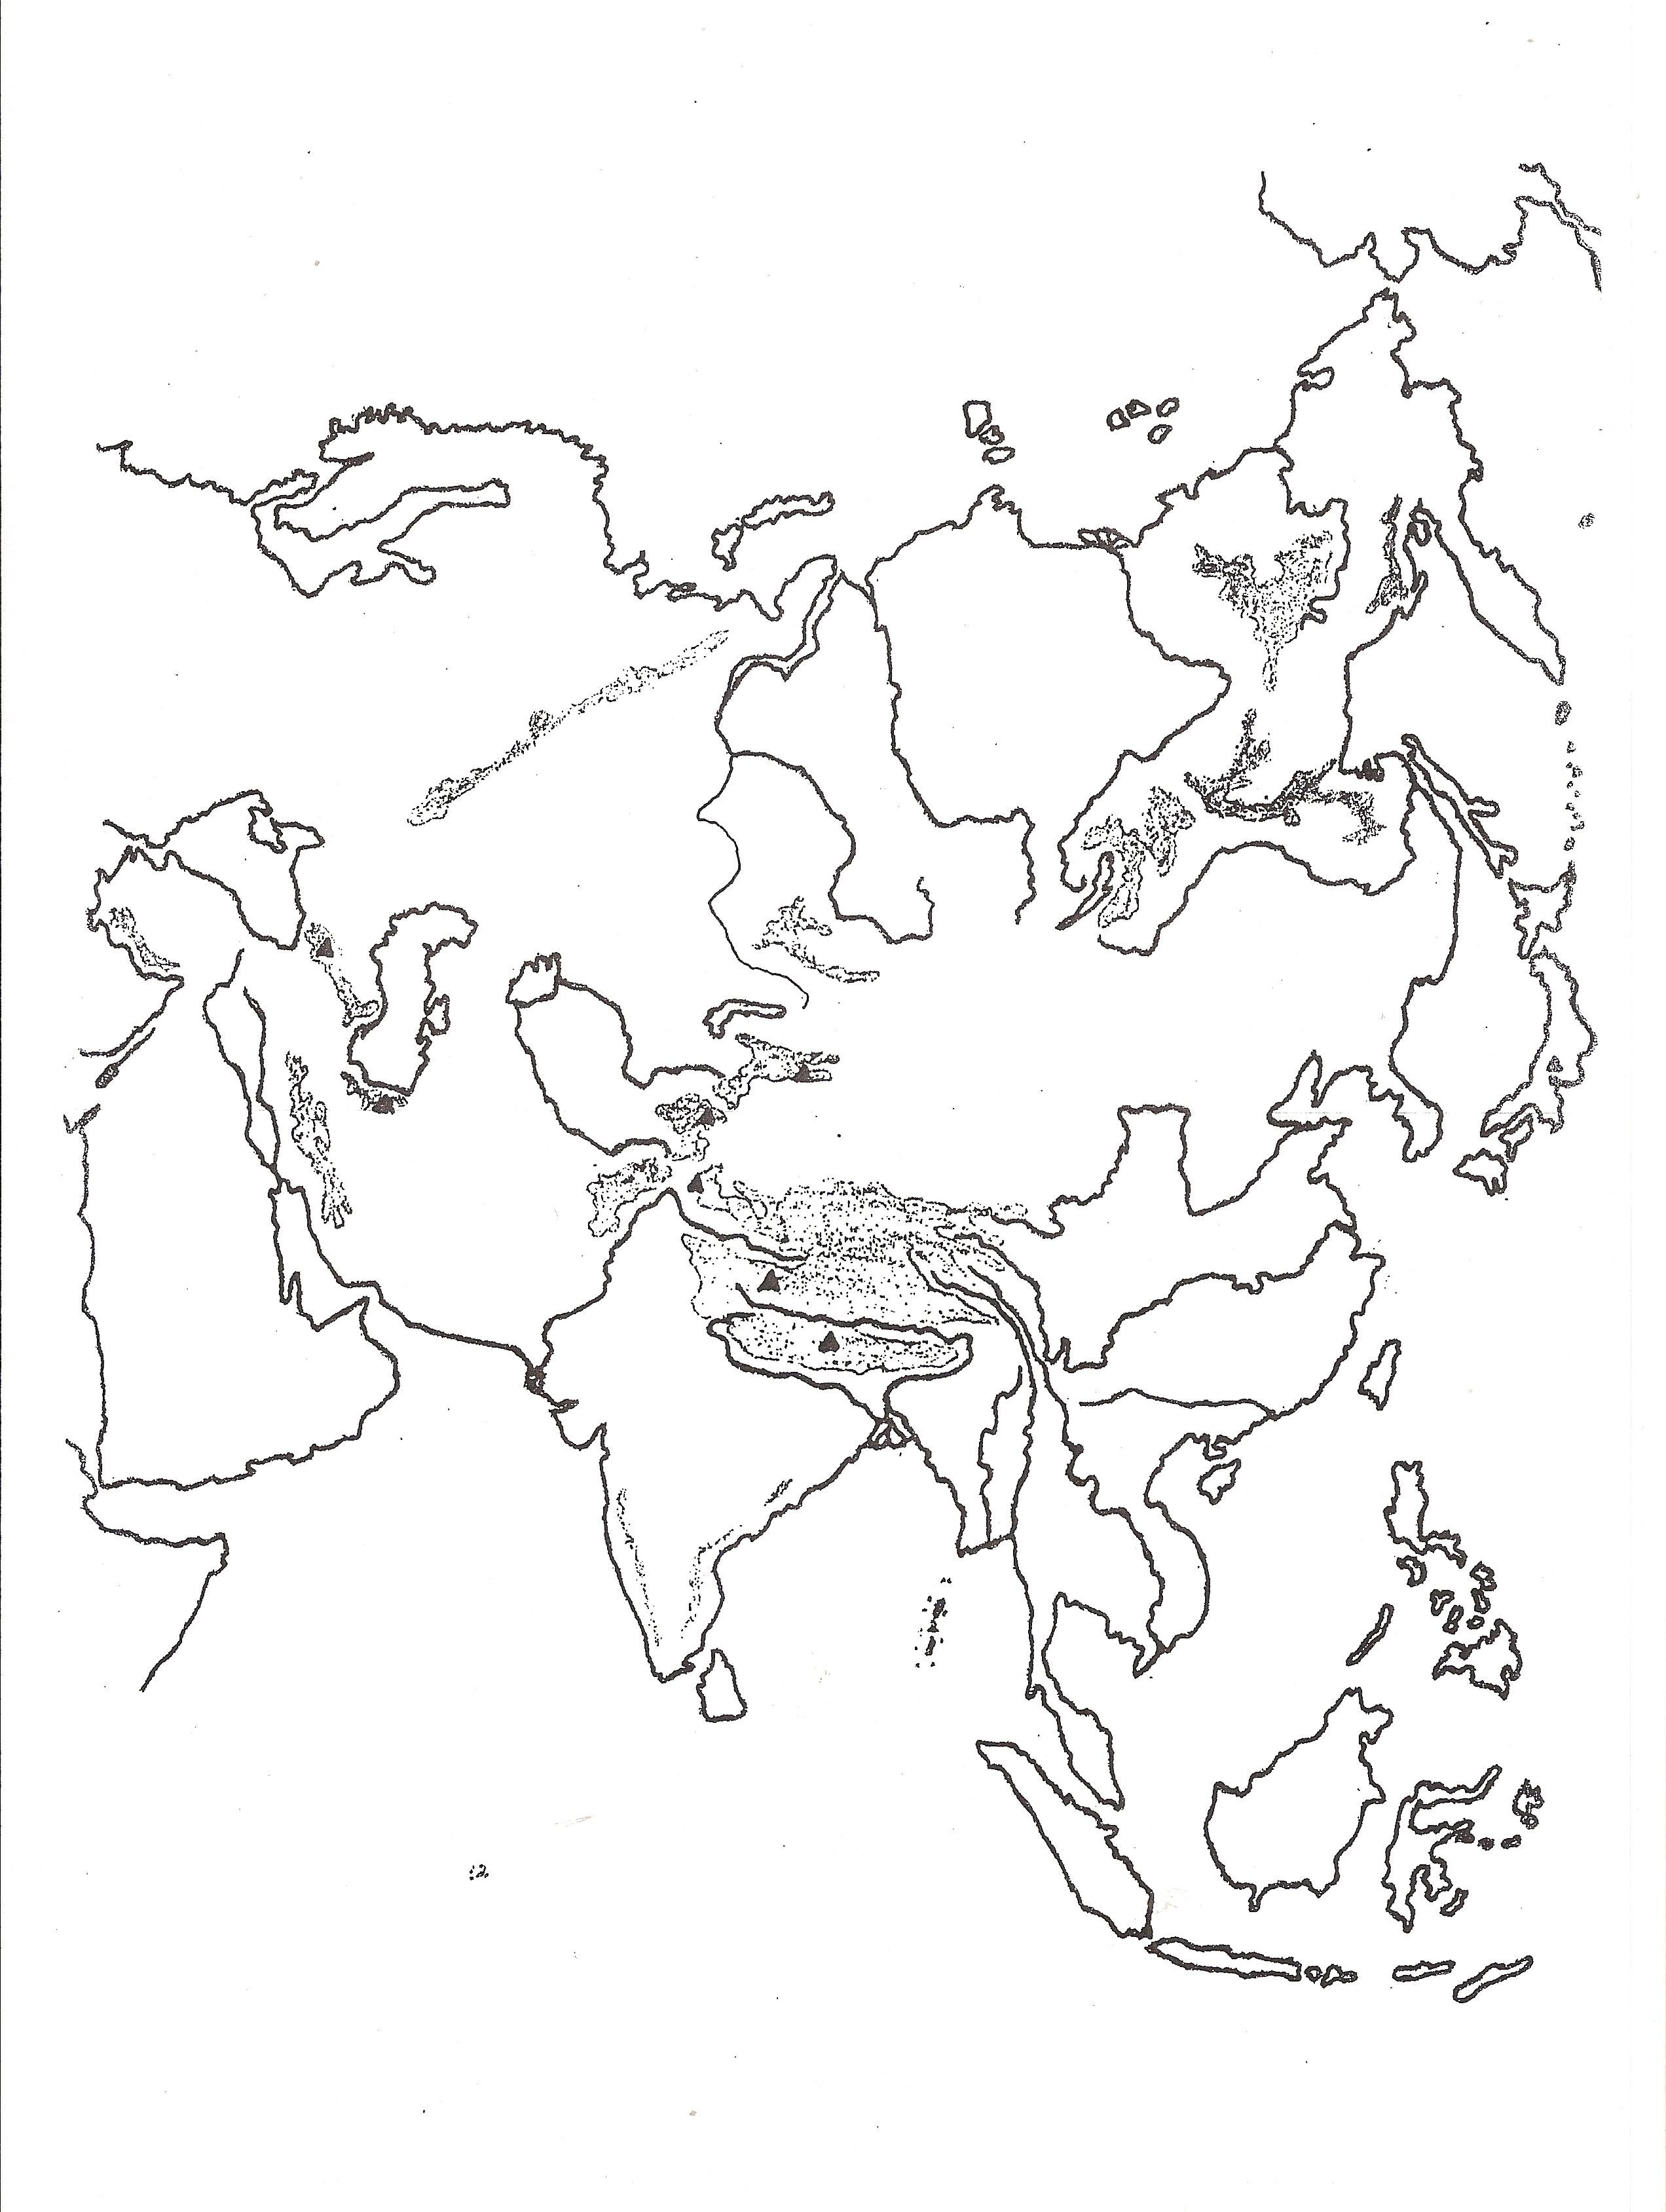 Mapa Mudo De Africa Y Asia.Mapas Flash Interactivos Para Aprender Geografia Enrique